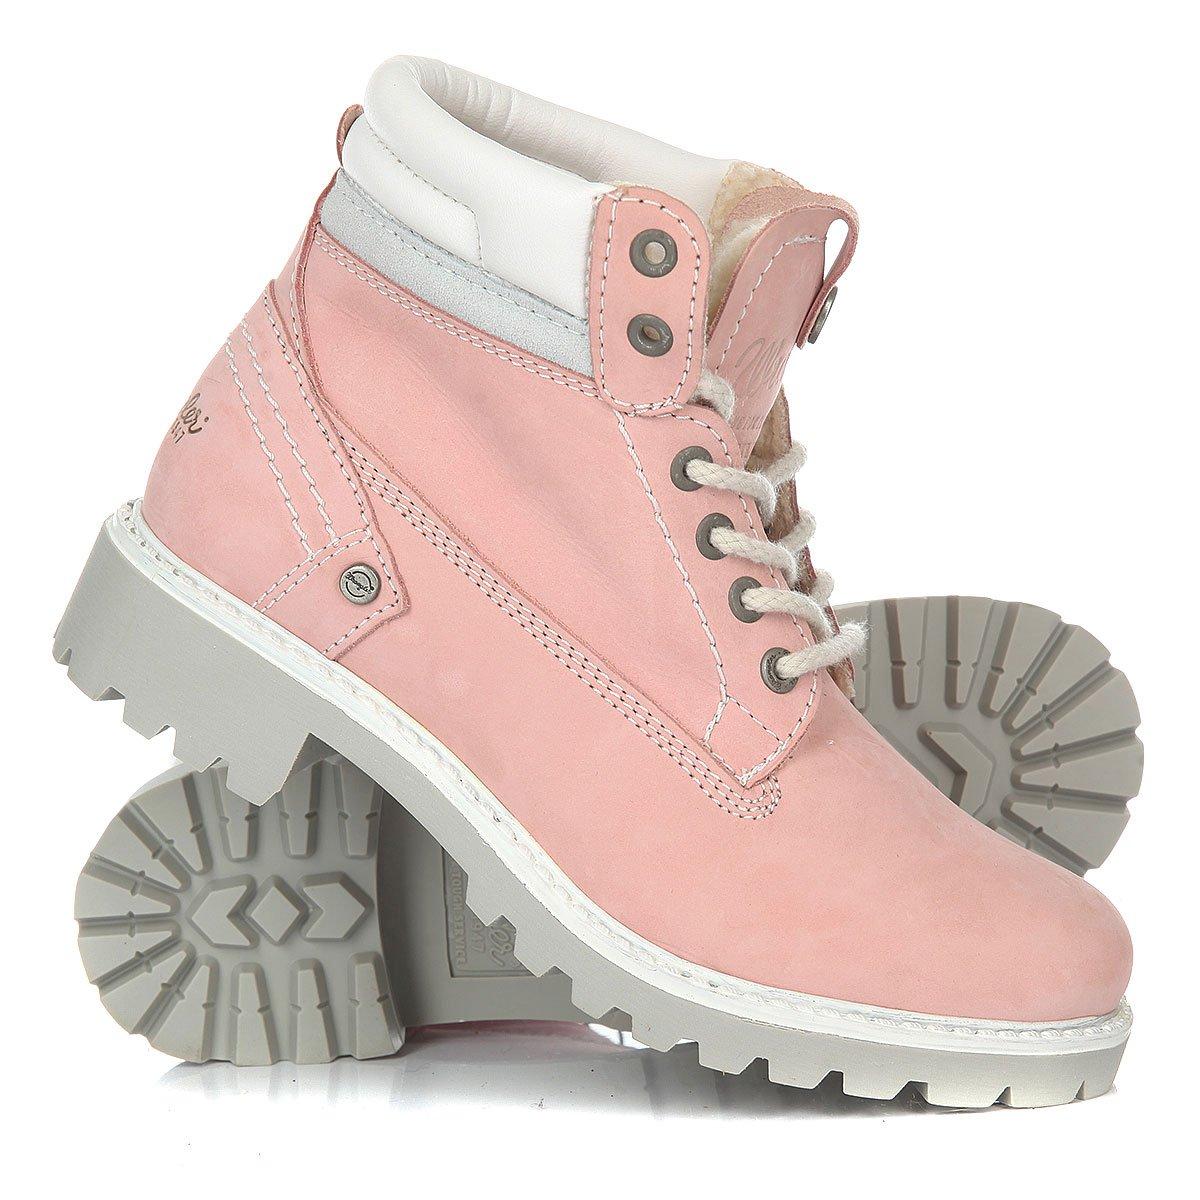 b51c0a2a Купить ботинки зимние женские Wrangler Creek Fur Pink в интернет ...